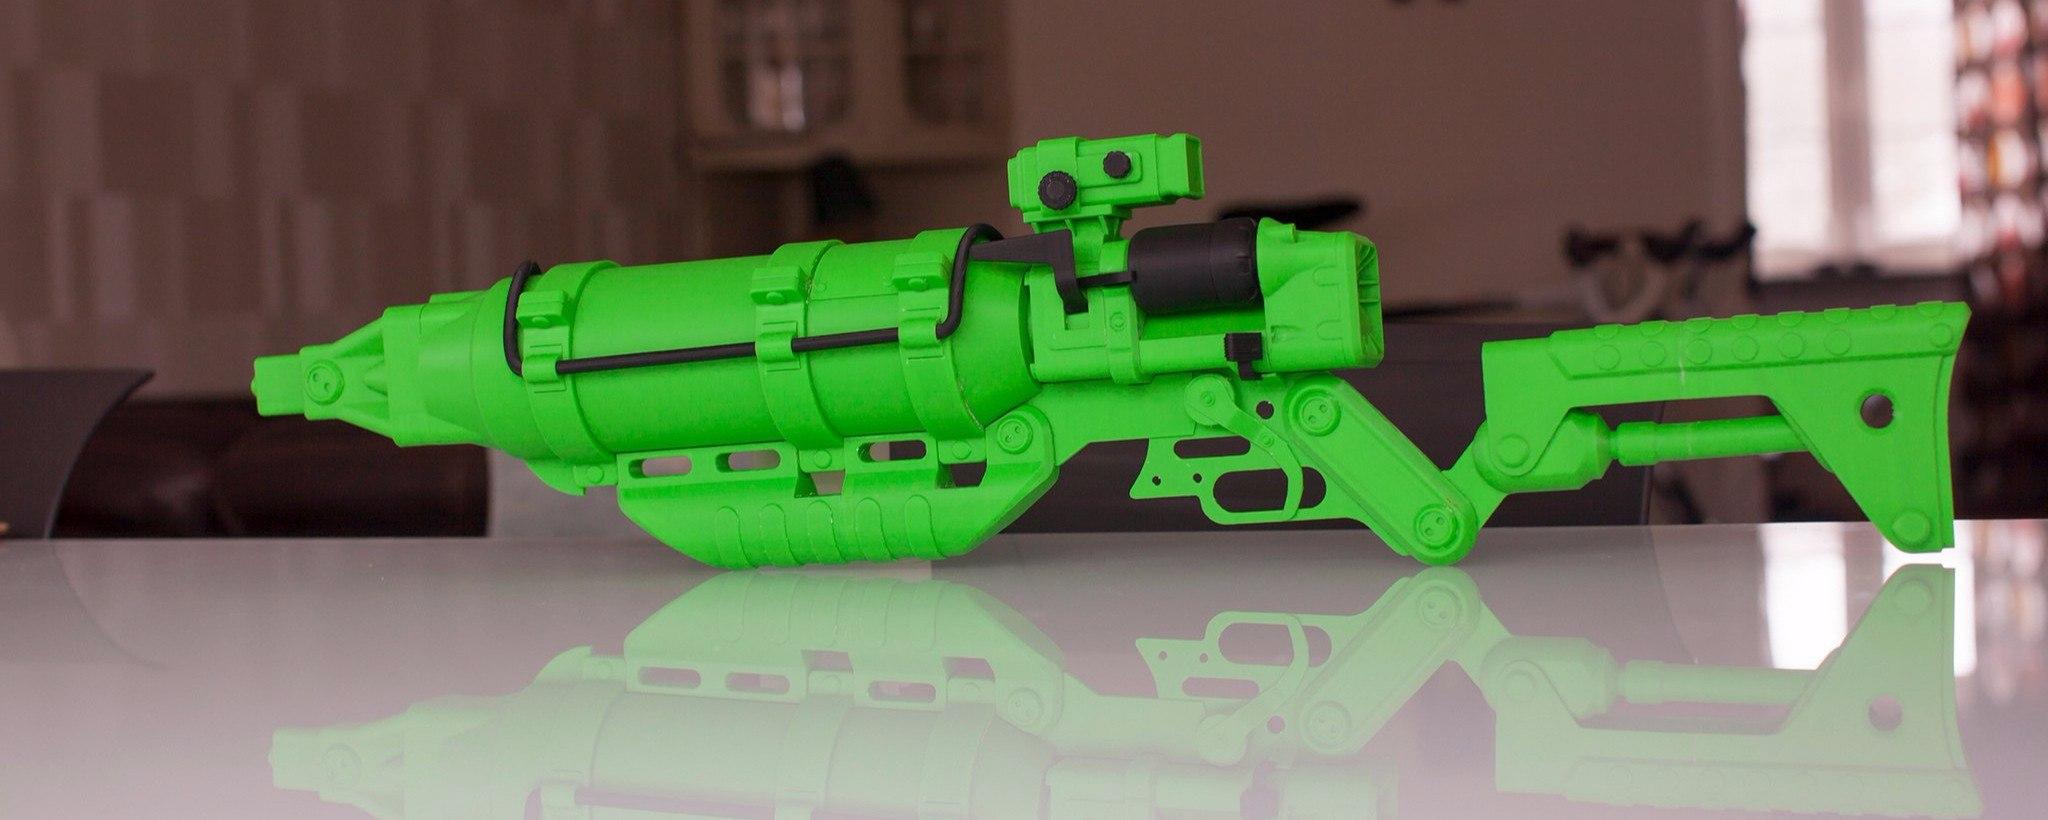 Распечатай на 3D принтере лазерную винтовку из Fallout4